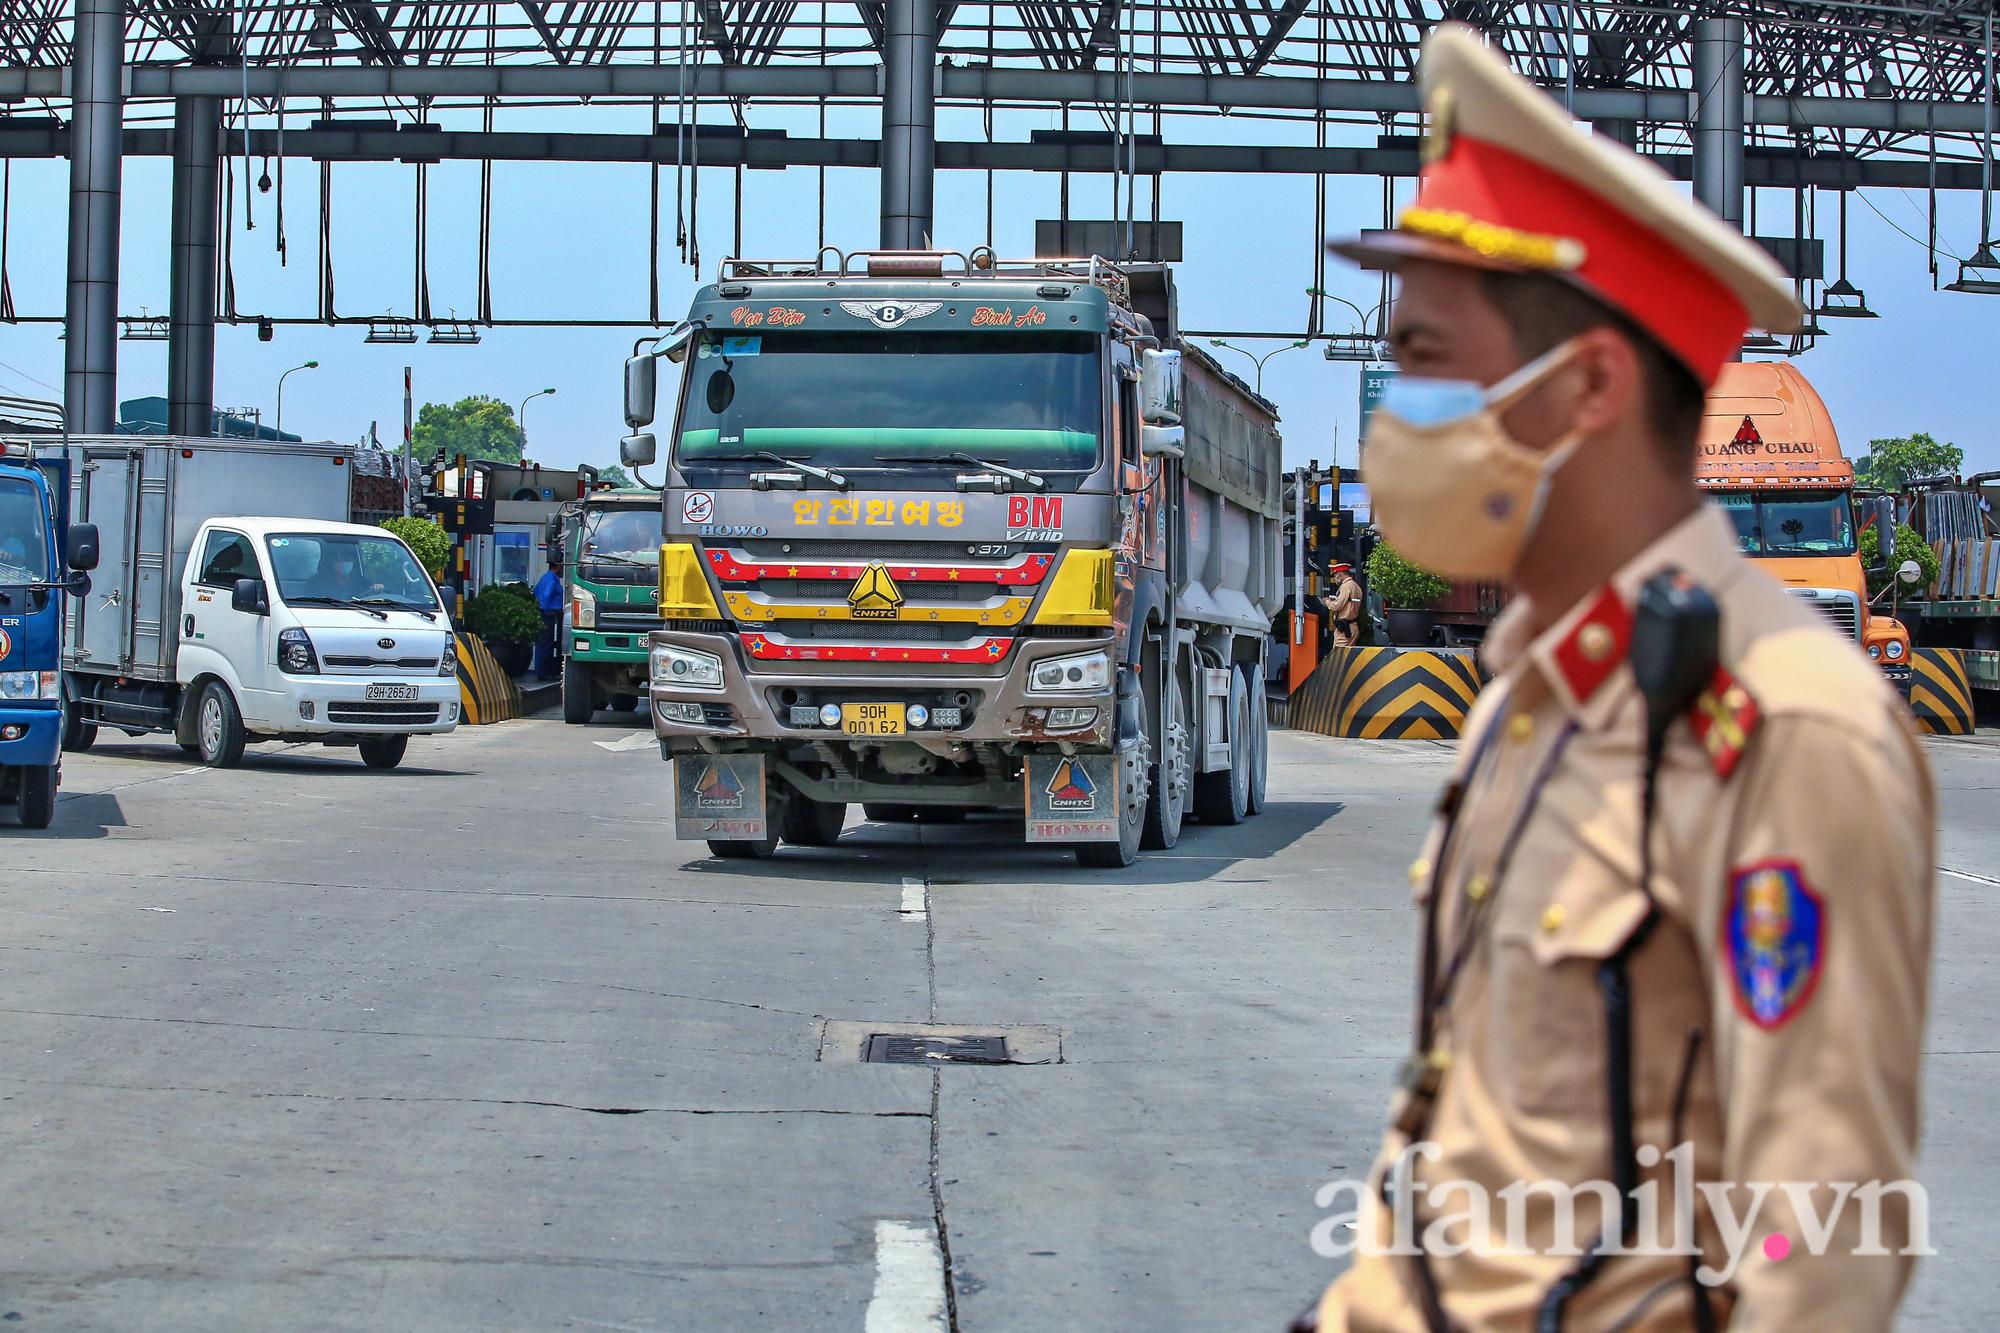 Chốt kiểm dịch Pháp Vân - Cầu Giẽ ùn xe gần chục cây số, nhiều tài xế thiếu giấy xét nghiệm - Ảnh 14.